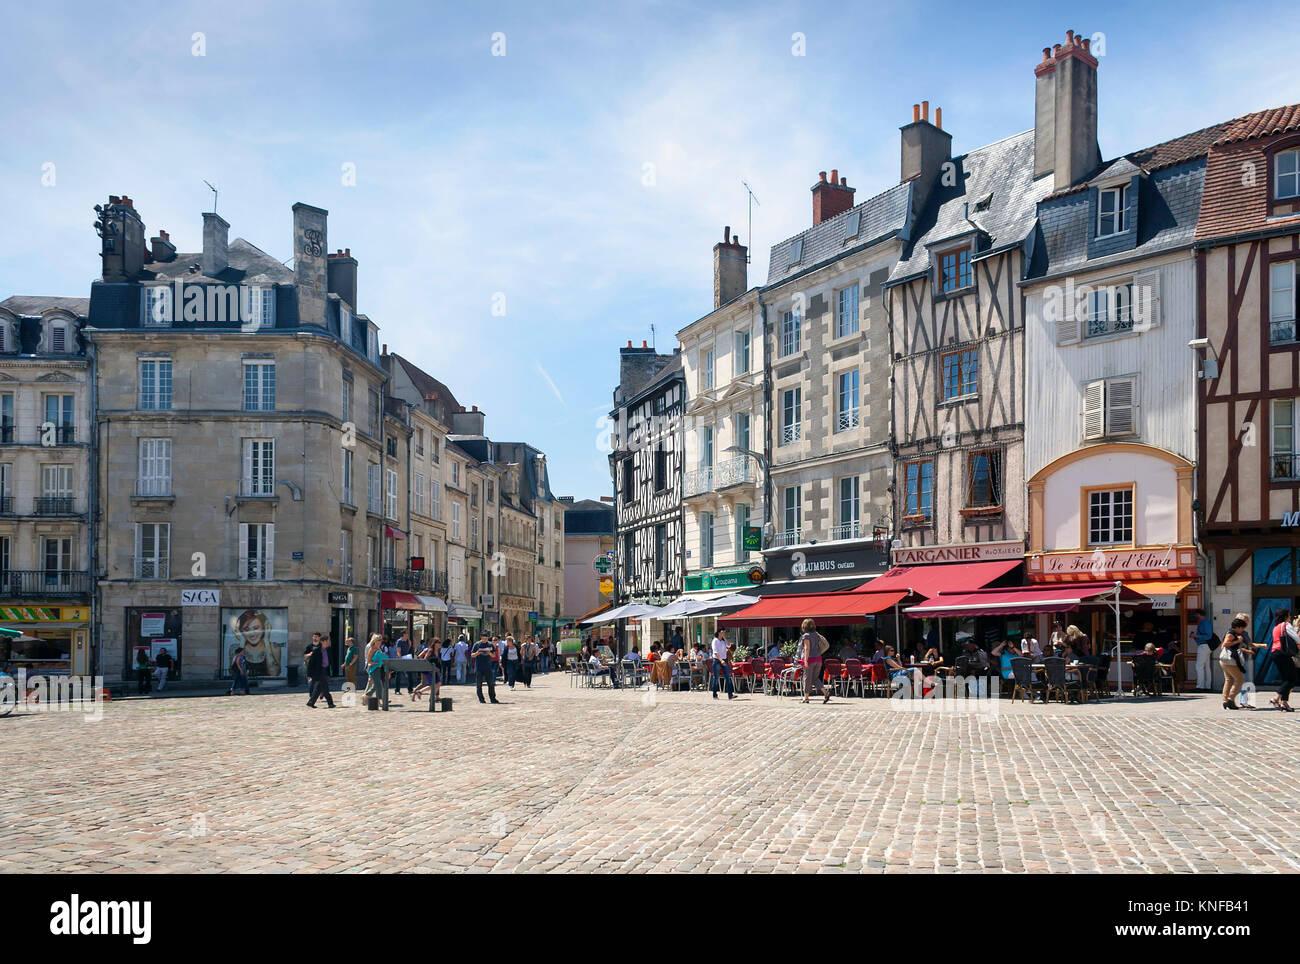 Poitiers, Nouvelle-Aquitaine, Frankreich - 03 Juli, 2012: Poitiers Straße mit architektonischen Gebäuden Stockbild